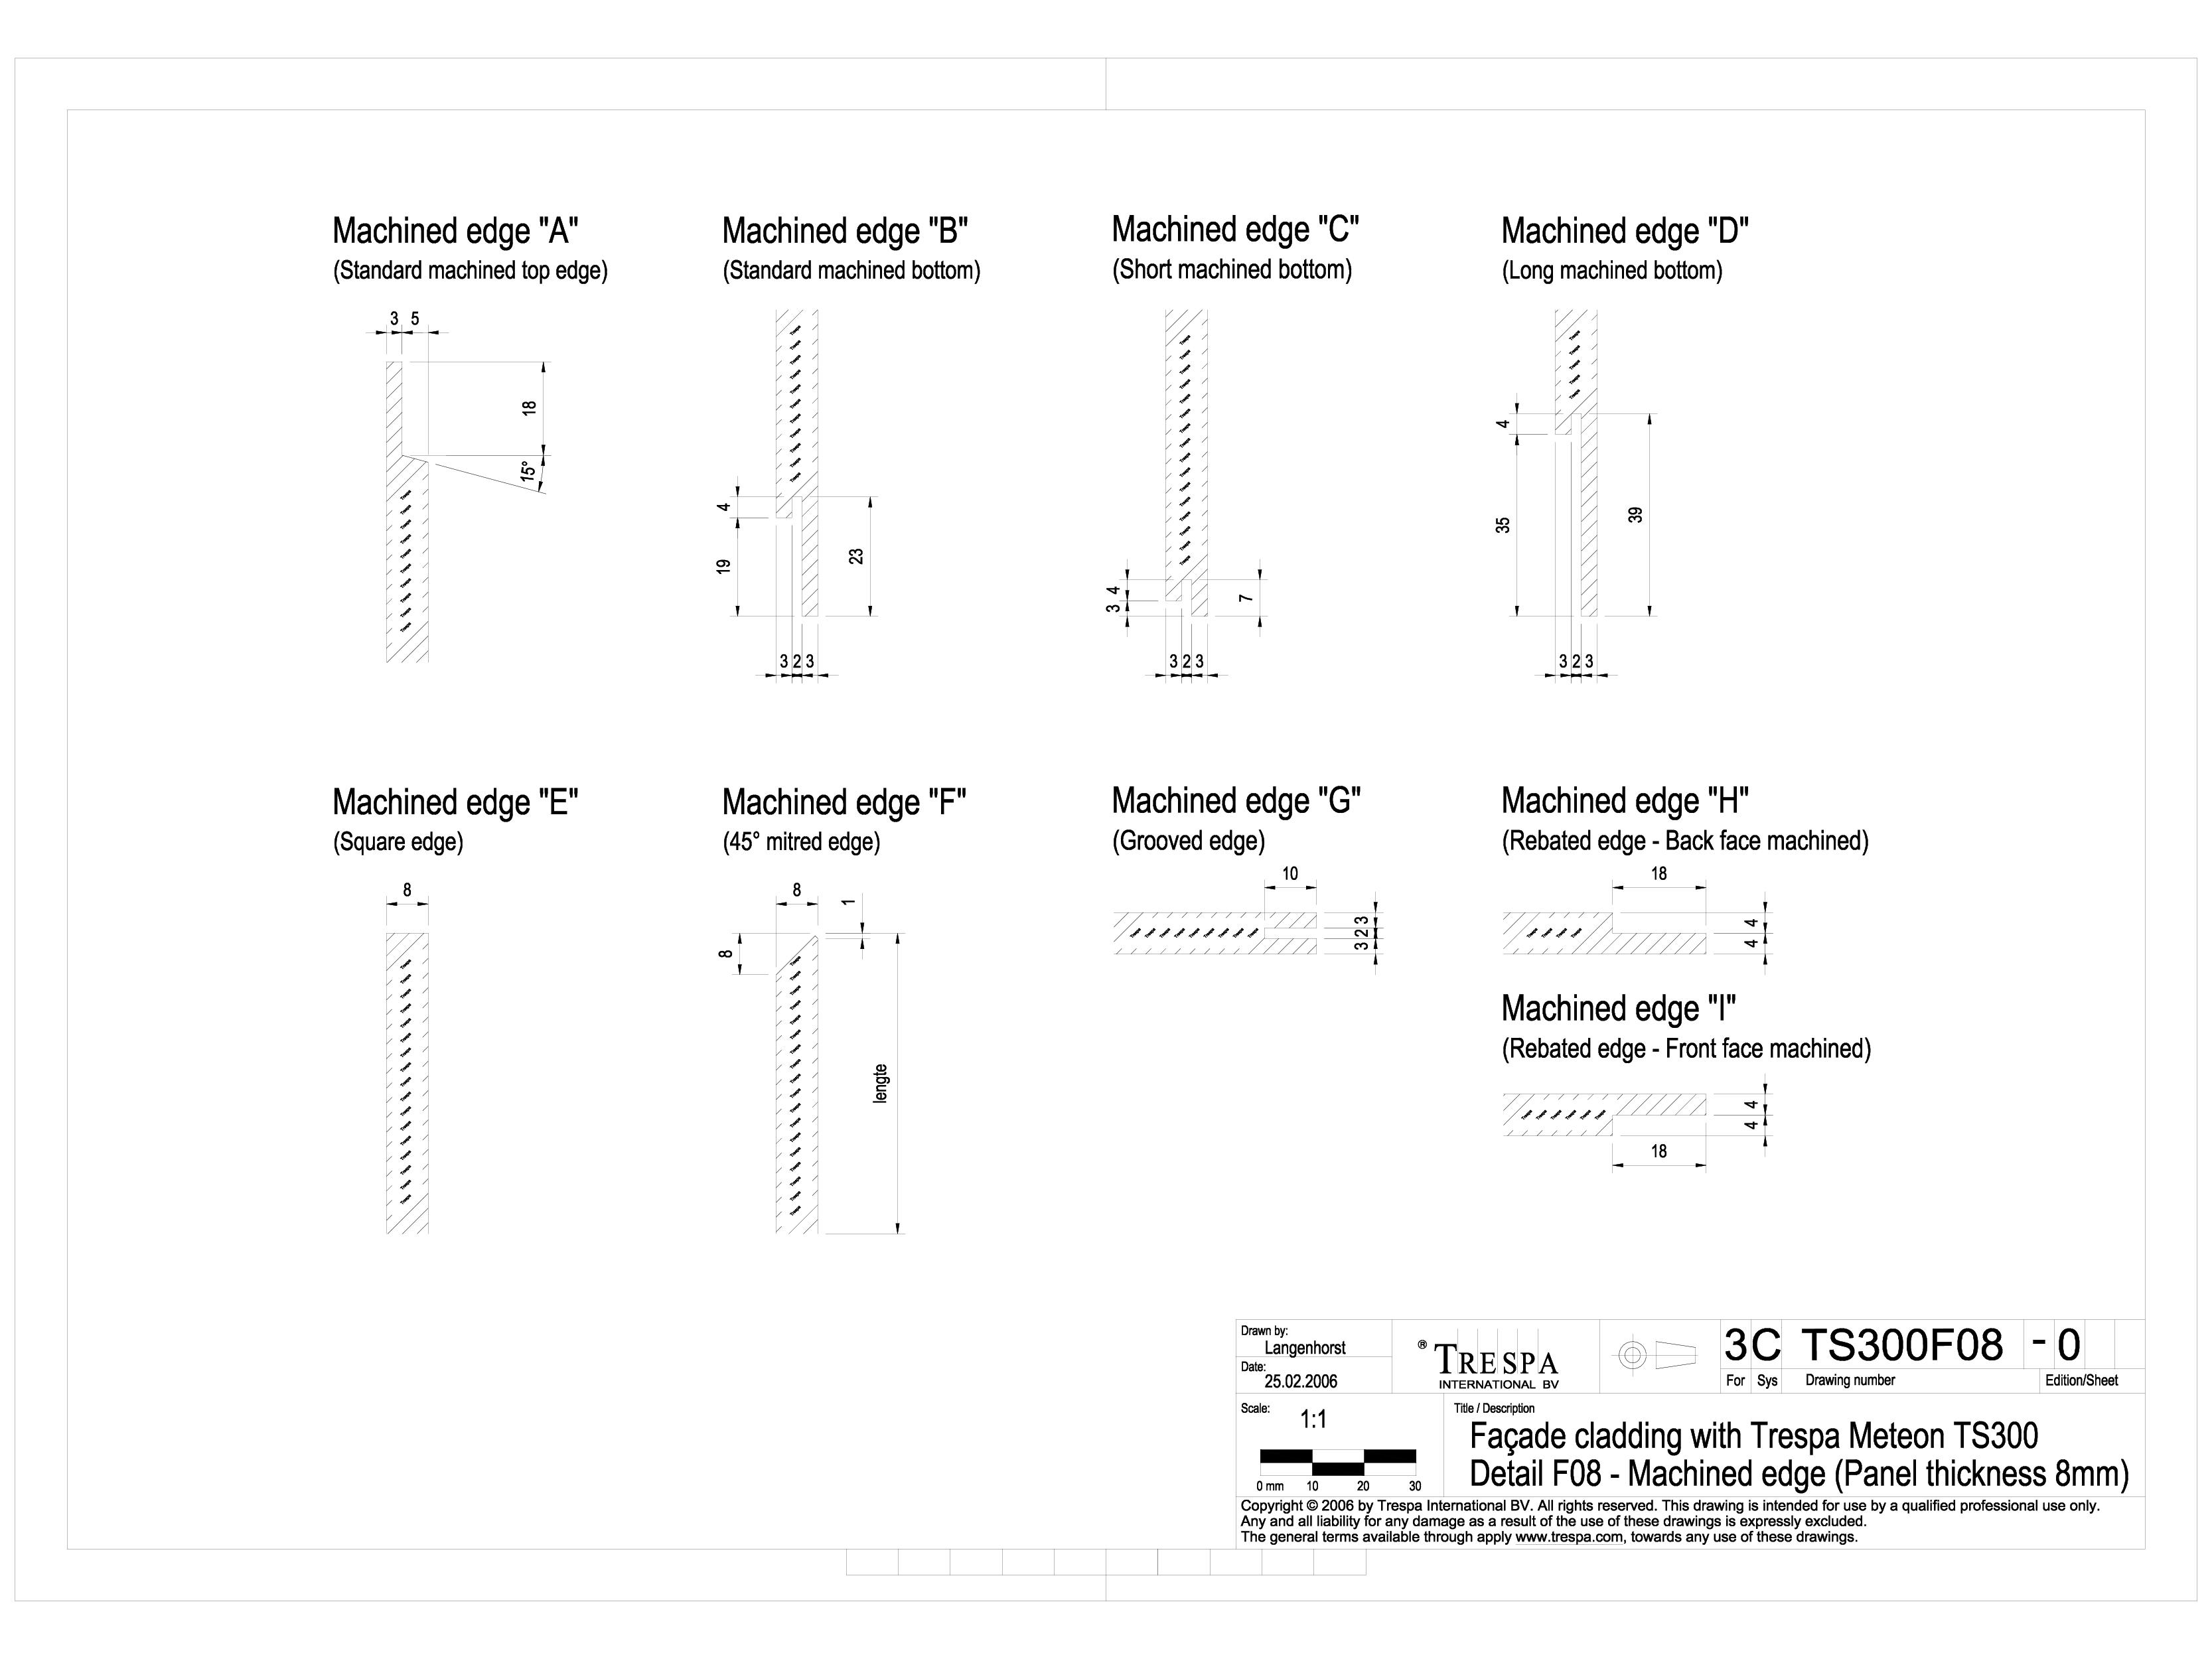 Sisteme de prindere fatade ventilate cu profile oarbe de 8mm METEON TRESPA Placi HPL pentru fatade ventilate GIBB TECHNOLOGIES  - Pagina 1